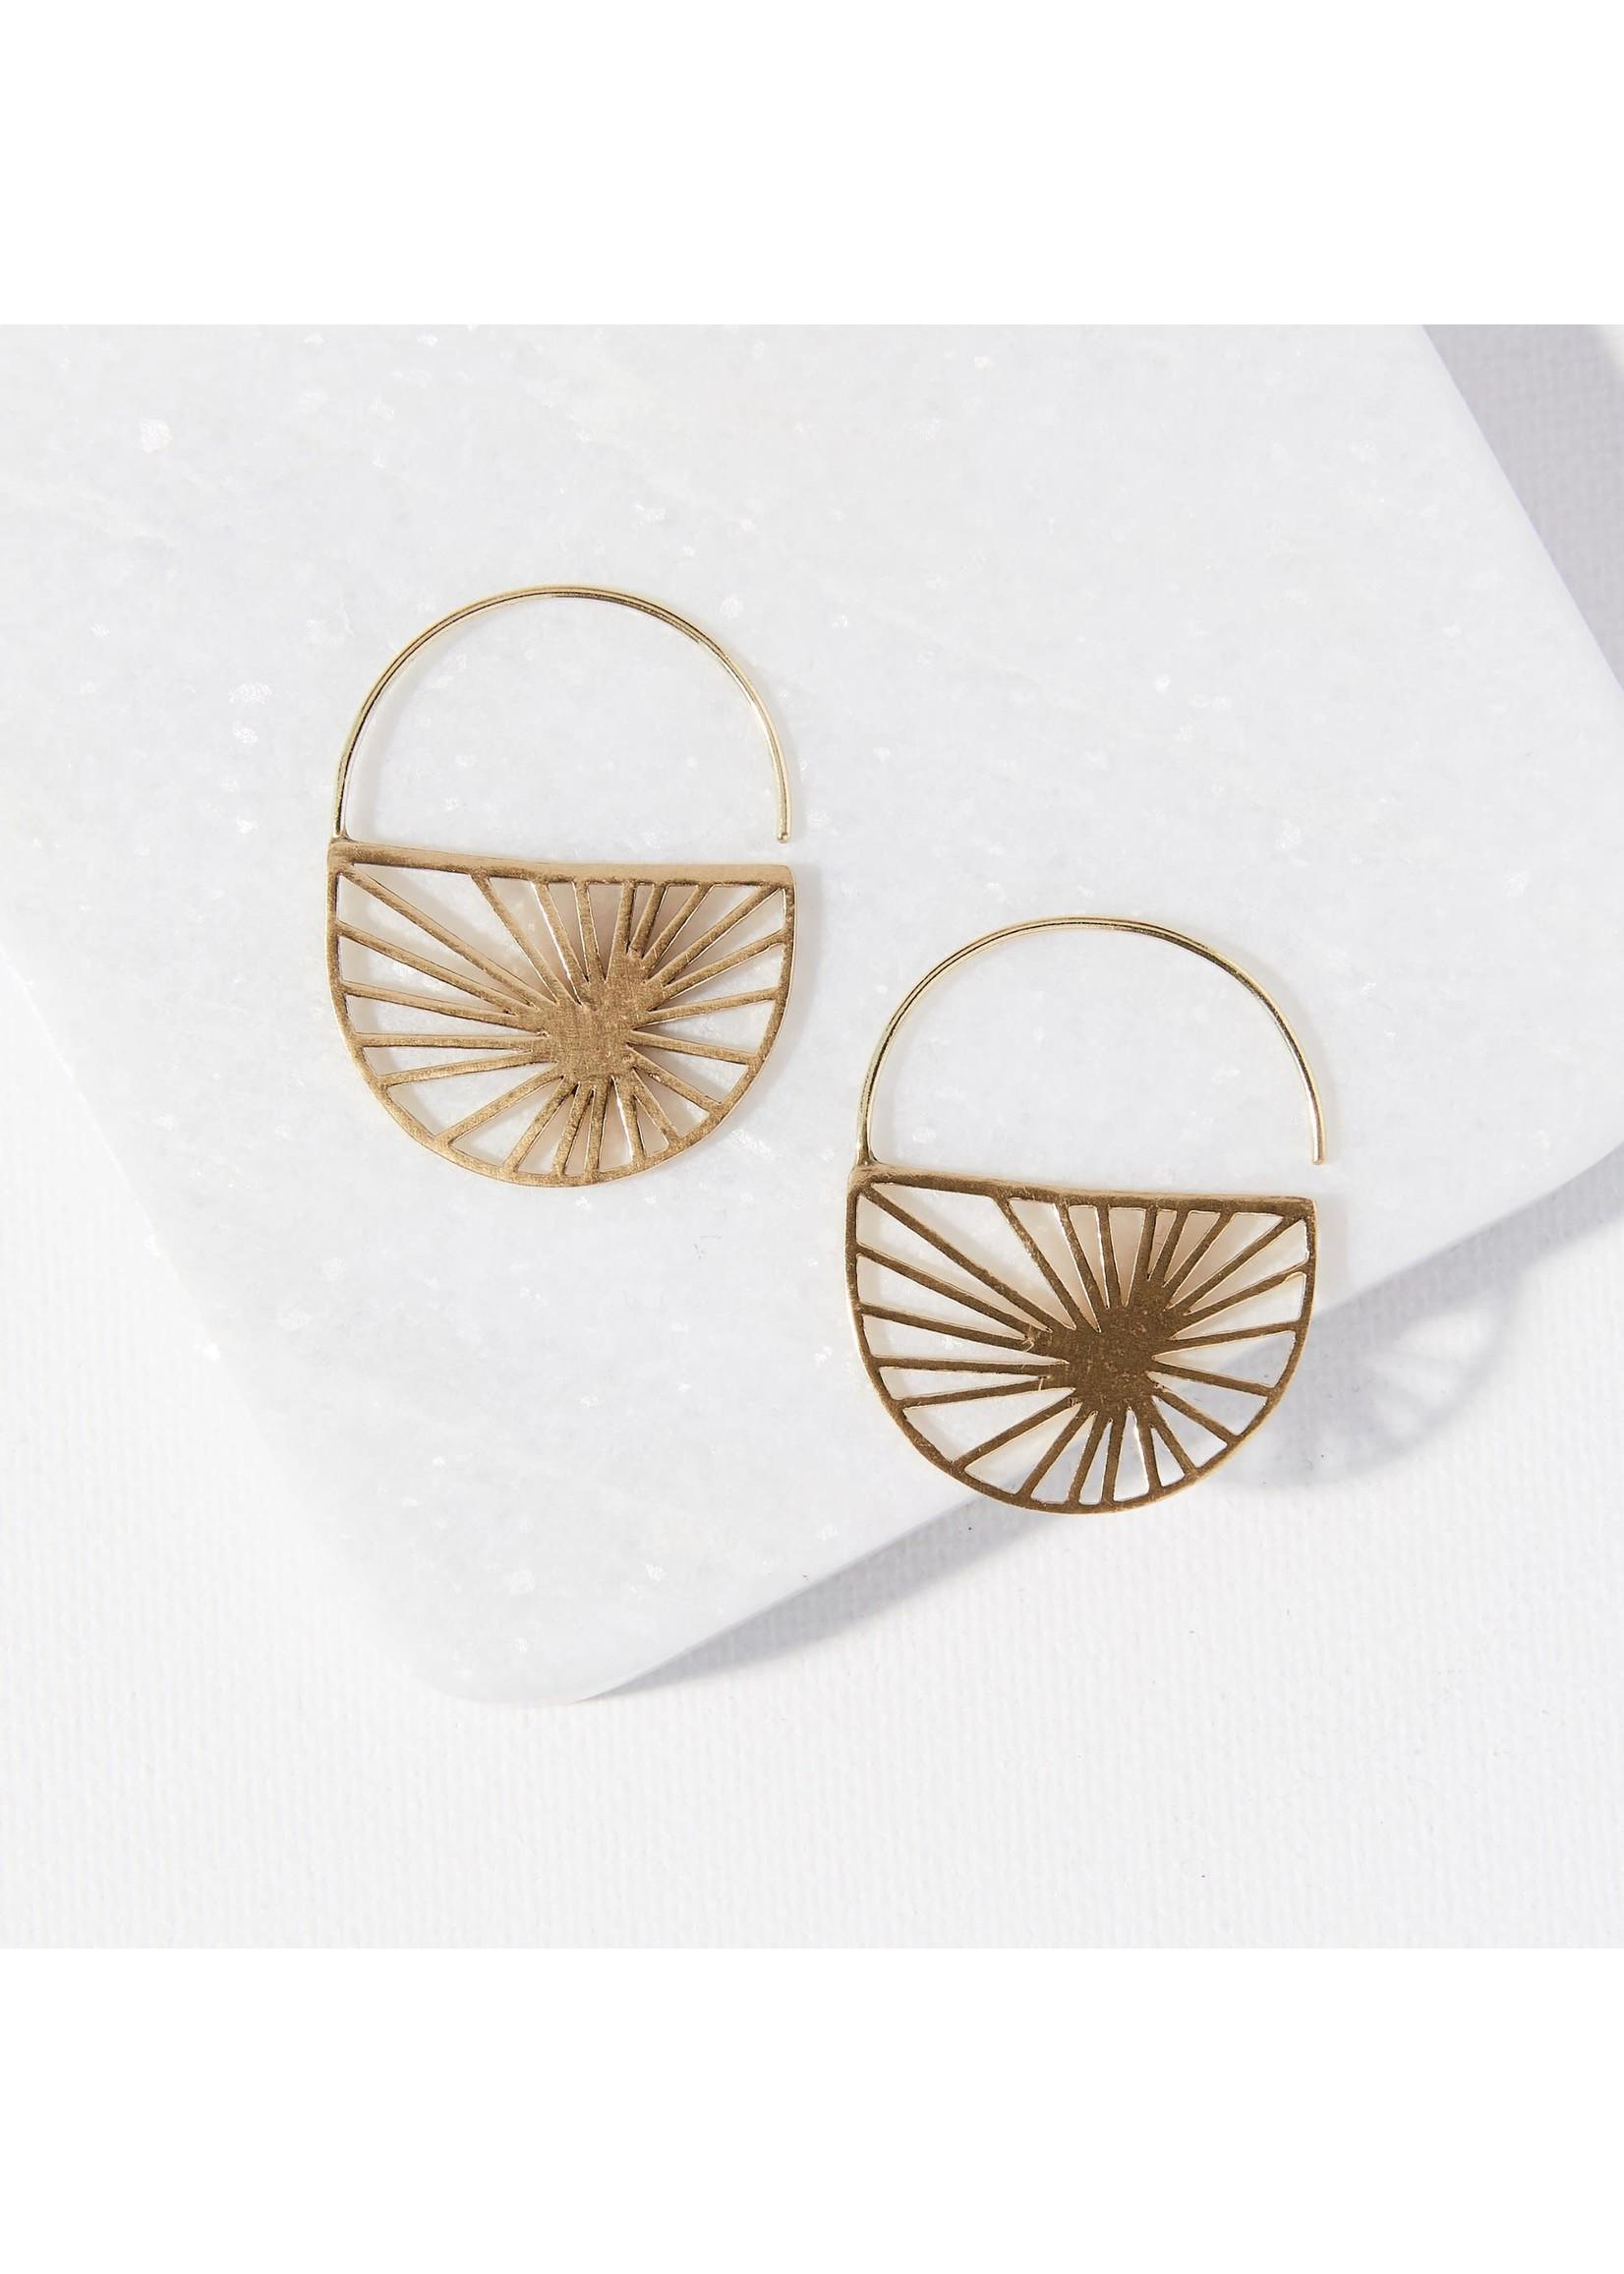 Ink + Alloy Brass Sunburst Earring